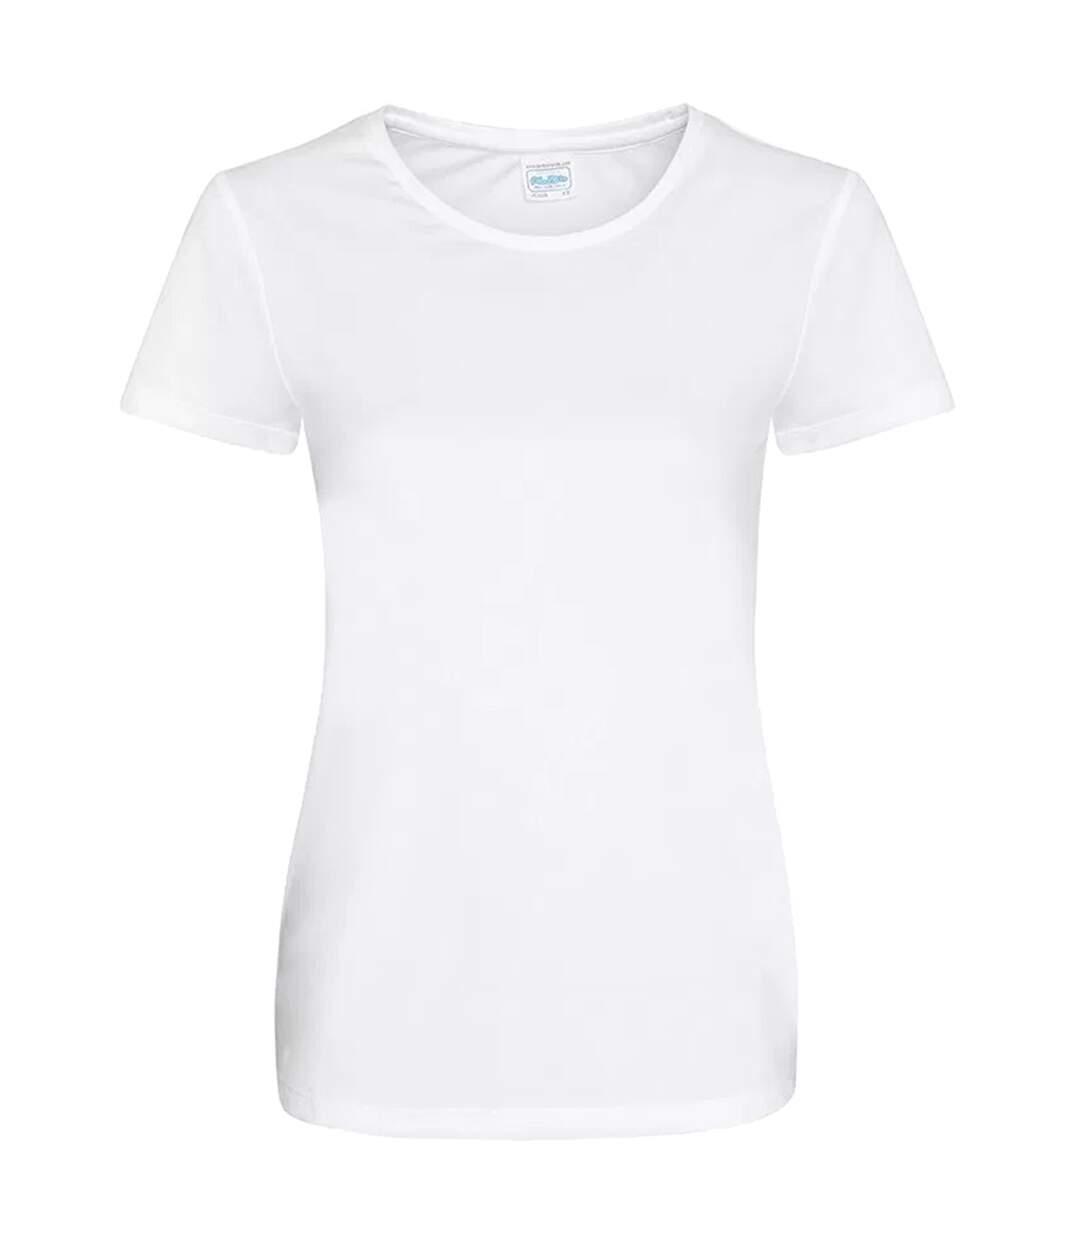 Awdis - T-Shirt - Femme (Blanc) - UTPC2963